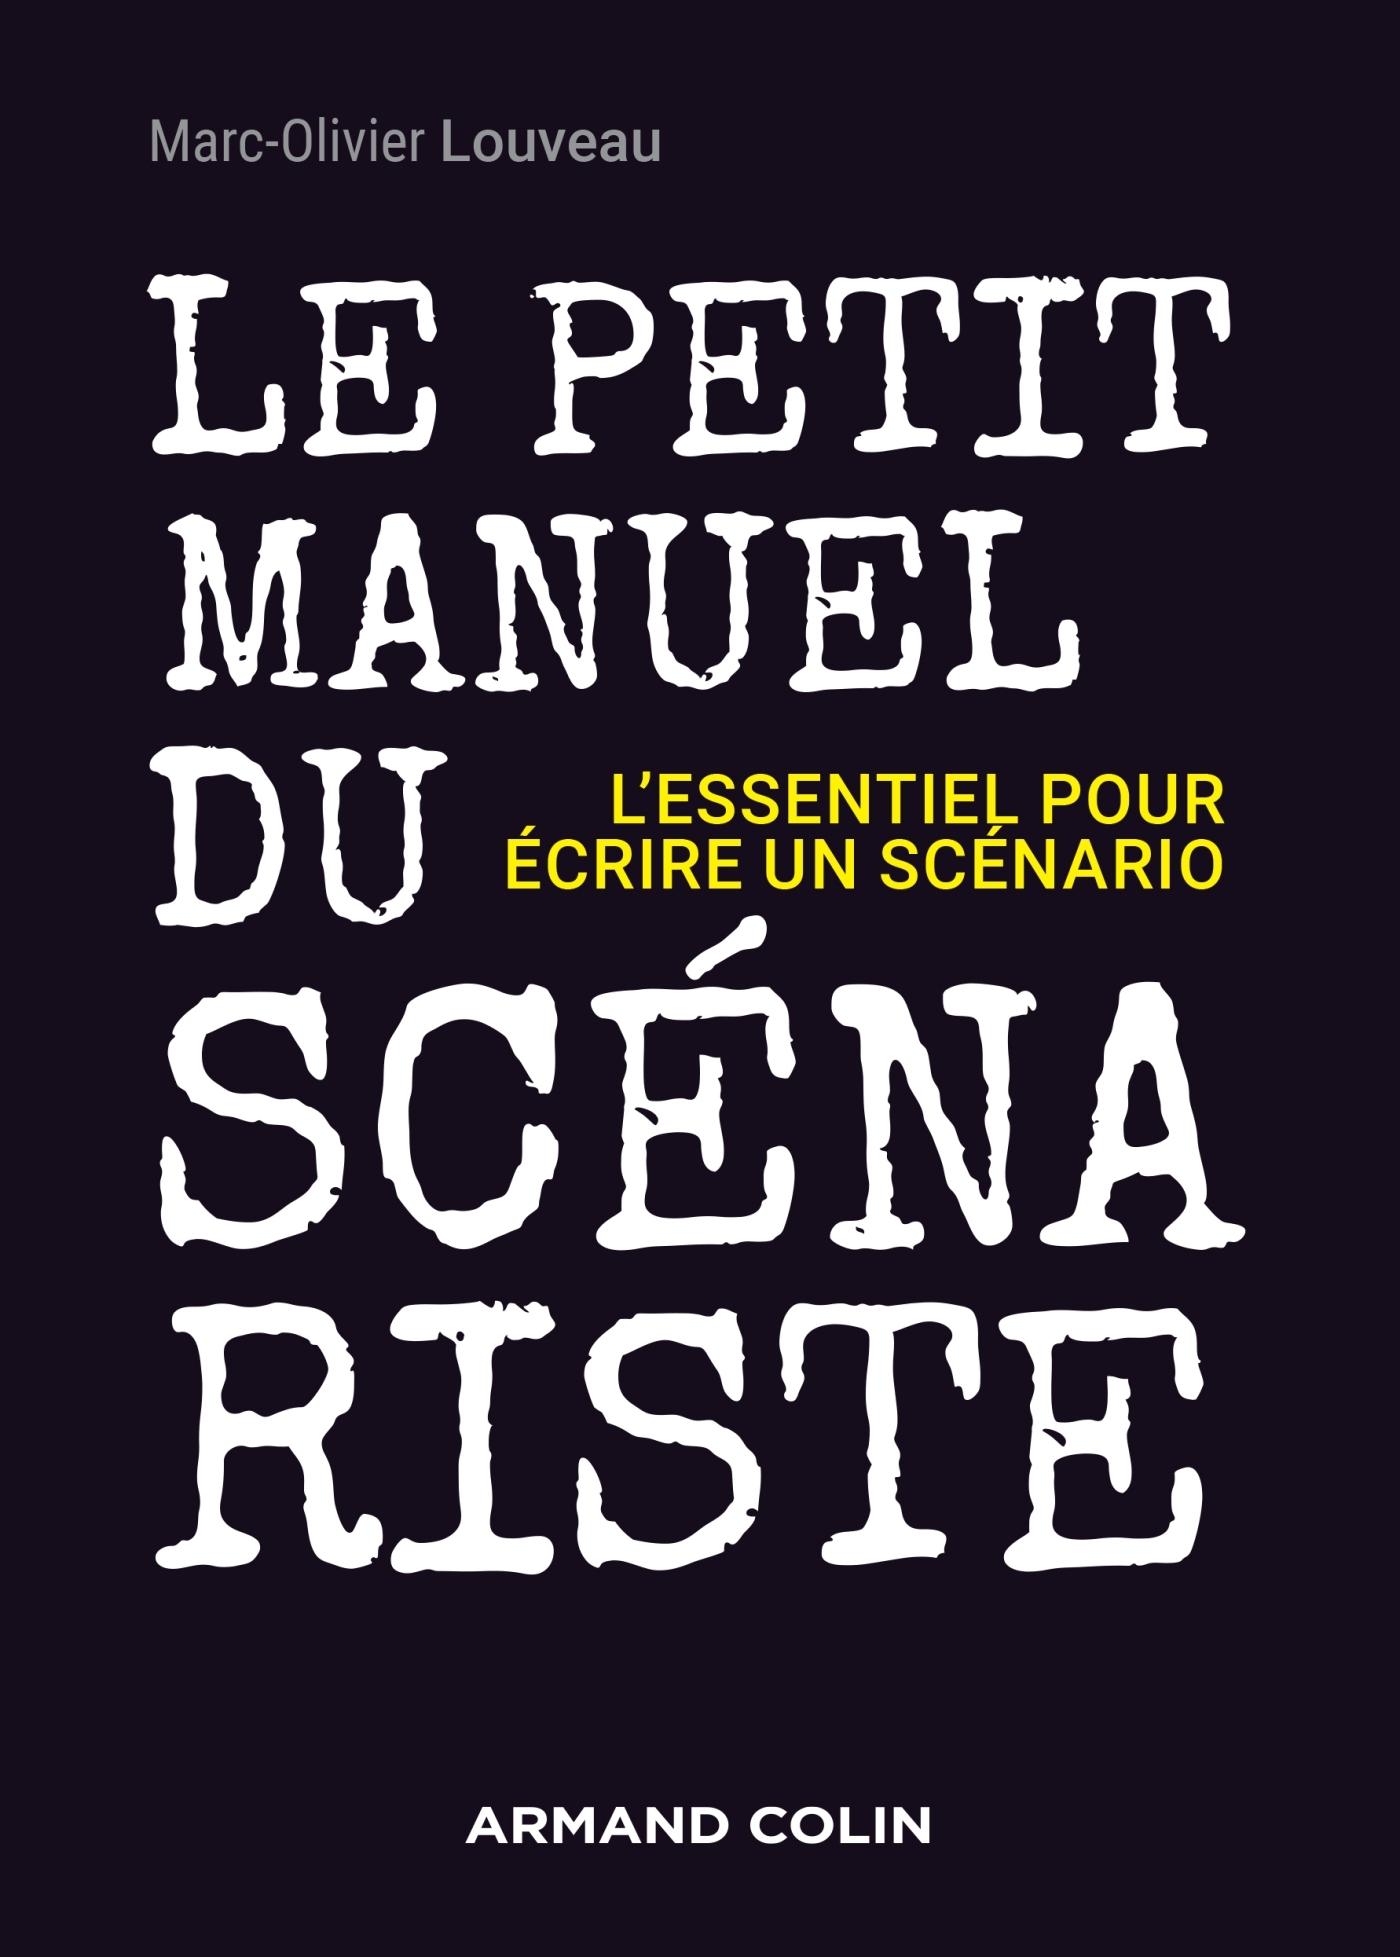 LE PETIT MANUEL DU SCENARISTE - L'ESSENTIEL POUR ECRIRE UN SCENARIO